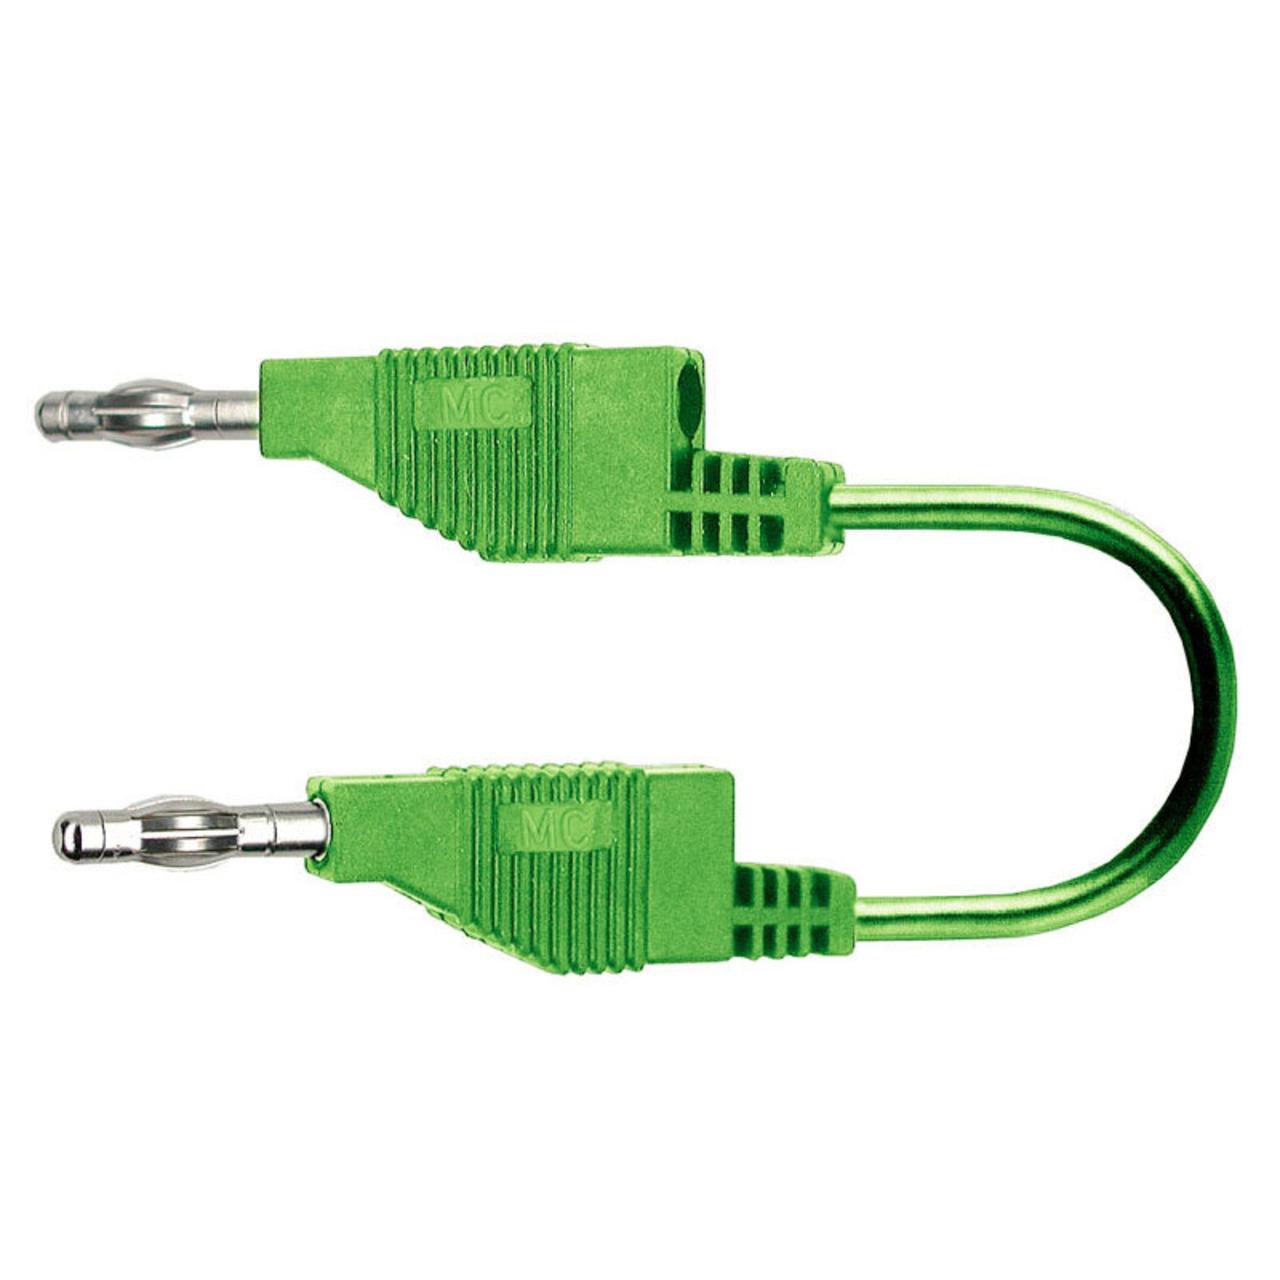 Silikon-Verbindungsleitungen 4 mm- 15A- 1m- grün